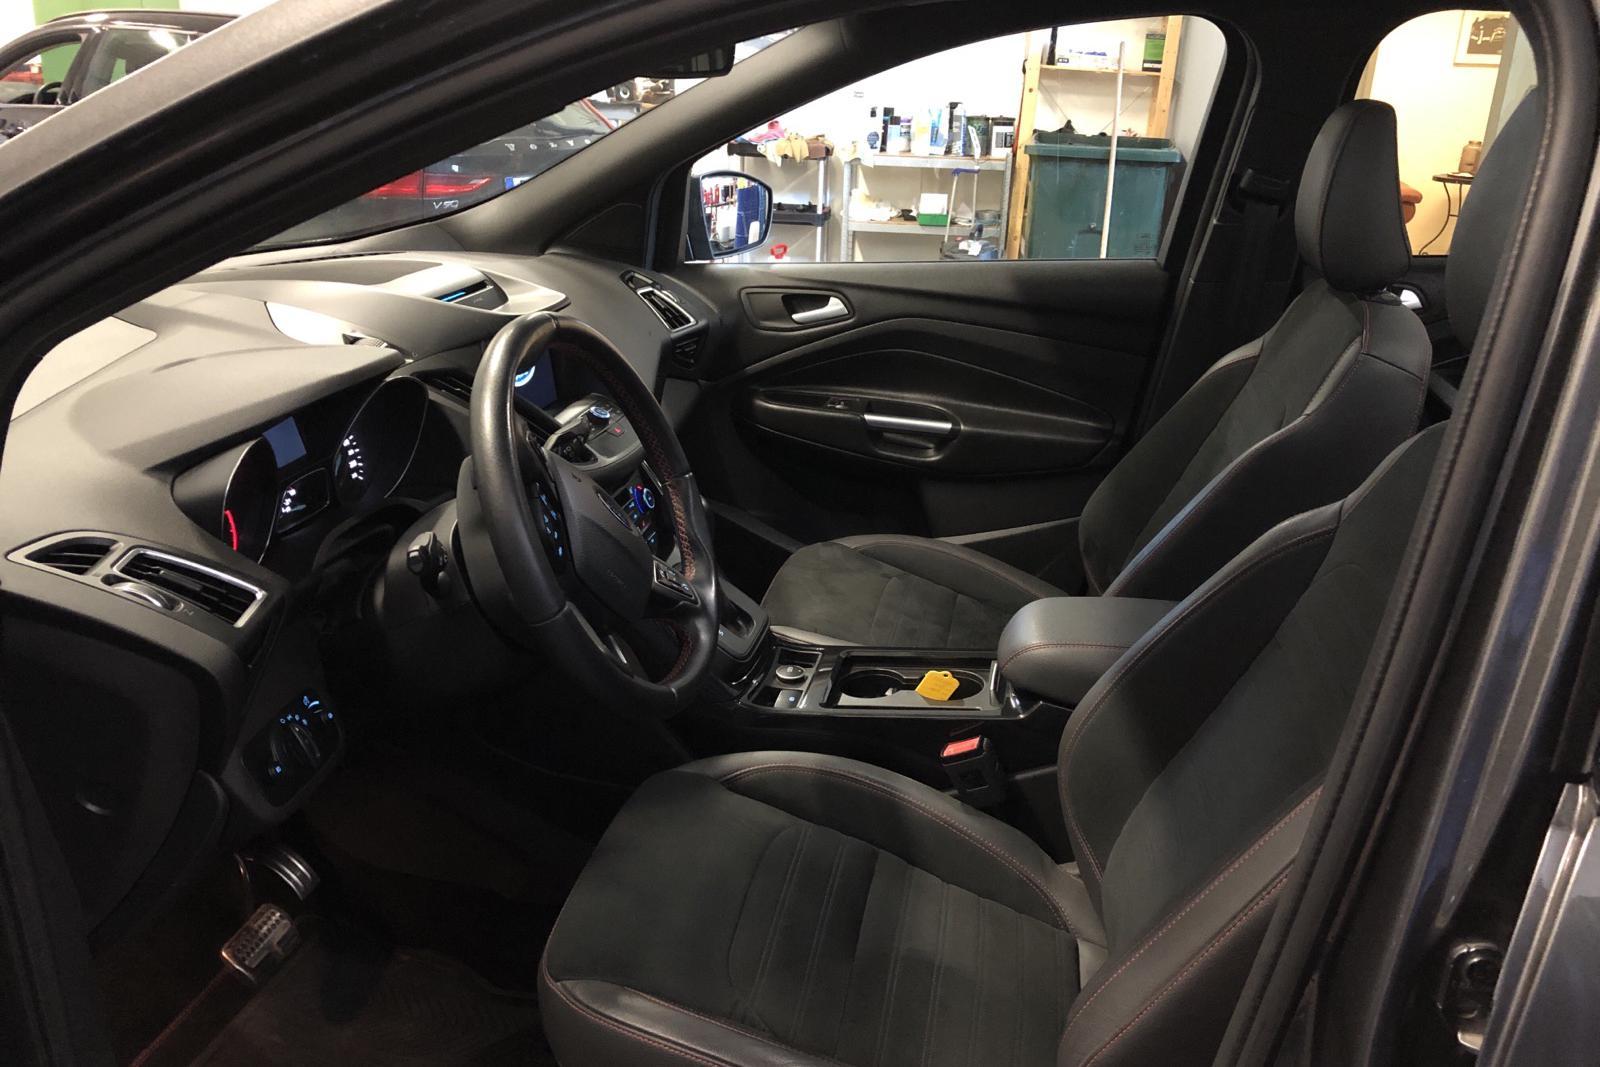 Ford Kuga 2.0 TDCi AWD (180hk) - 0 mil - Automat - grå - 2018